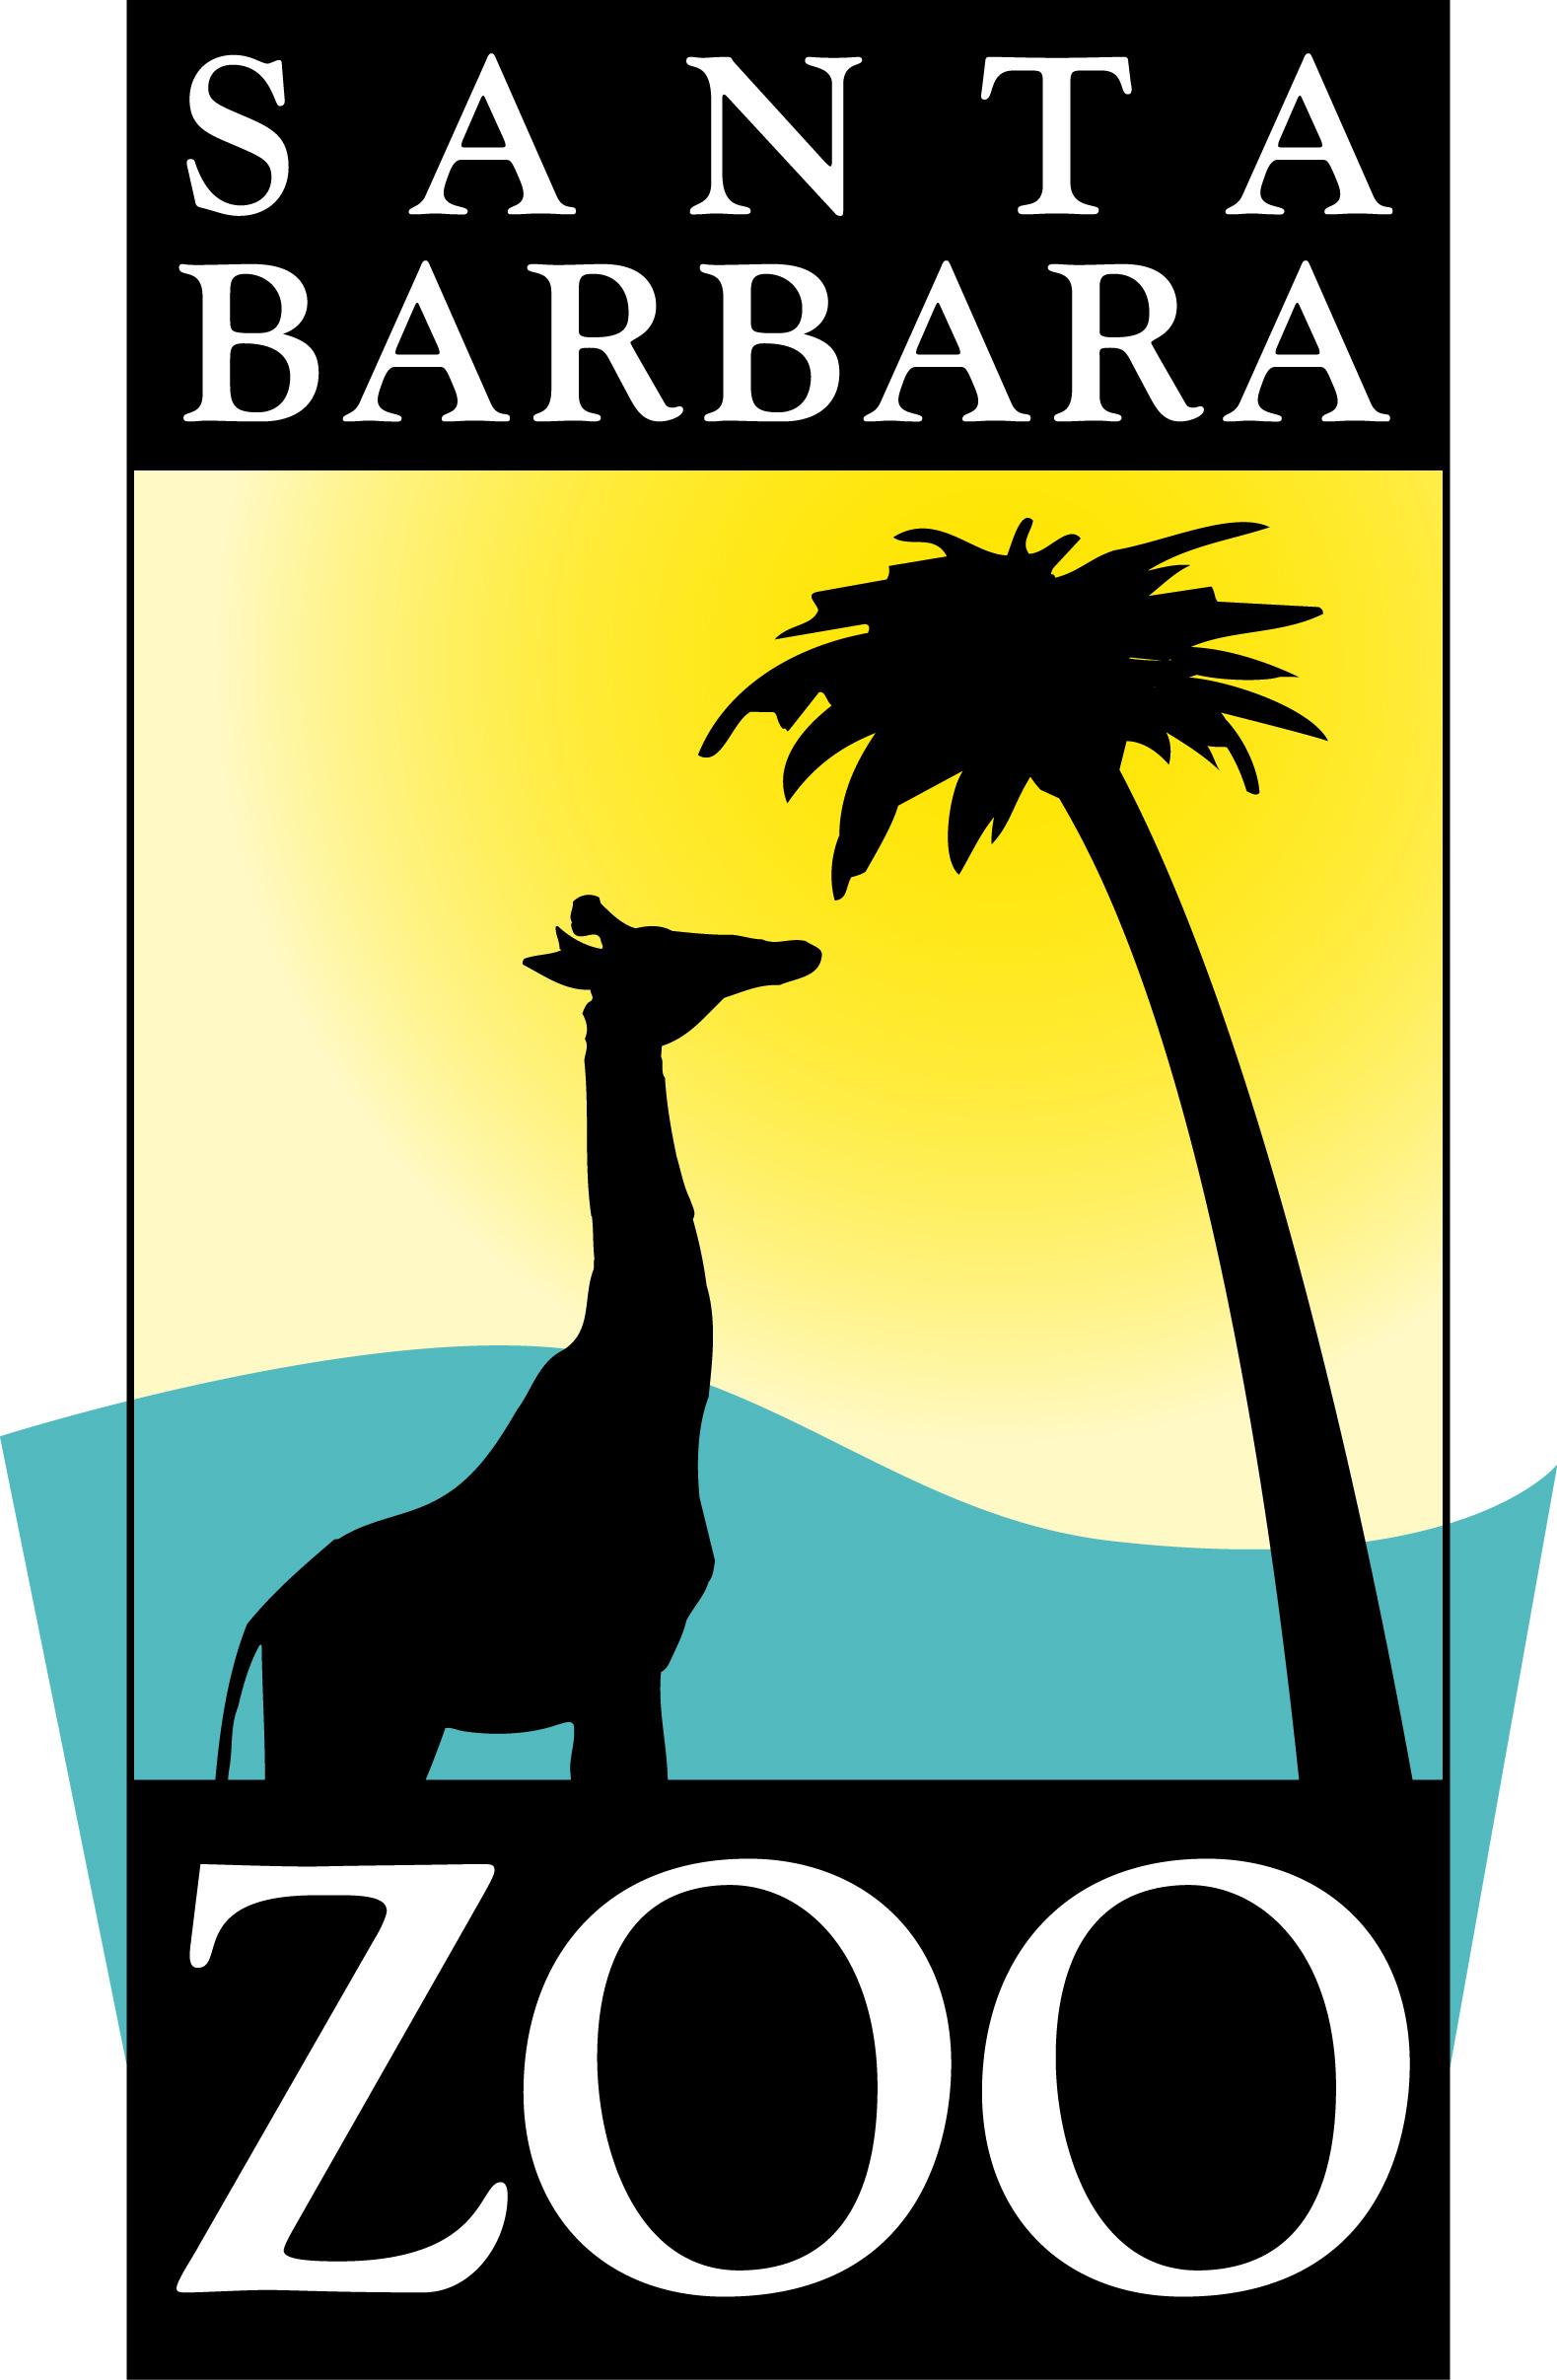 Santa Barbara Zoo GIRAFFE Logo.jpg